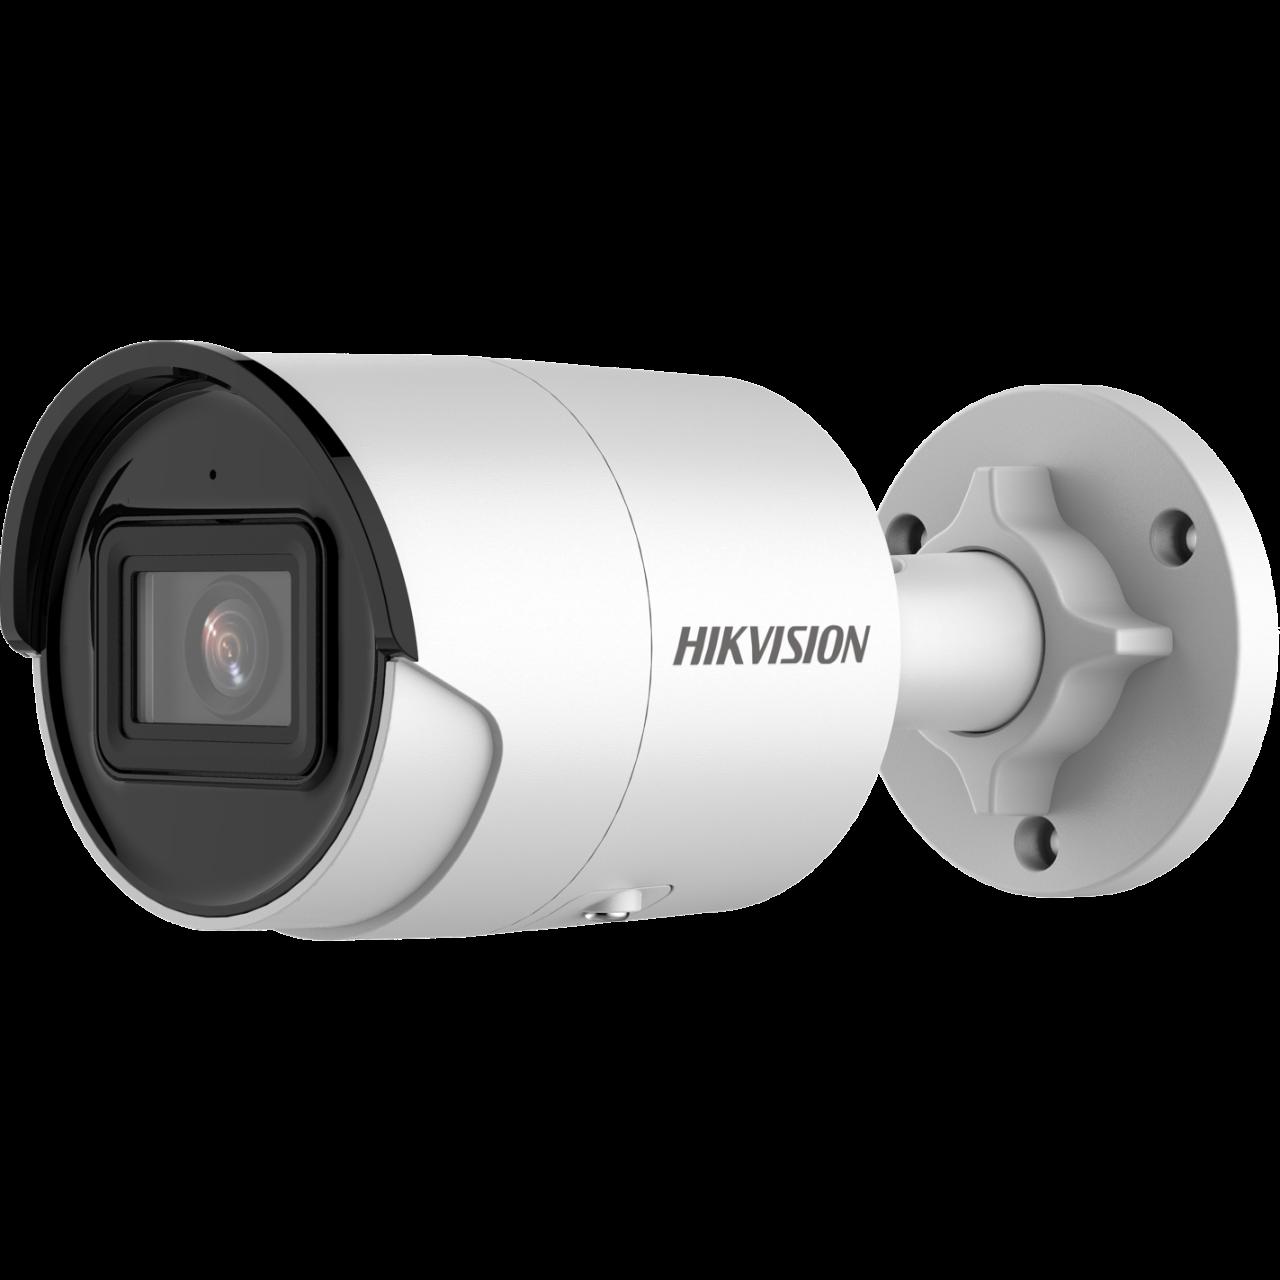 Εικόνα της DS-2CD2026G2-I  2MP AcuSense Fixed Mini Bullet IP 2.8mm Camera Hikvision